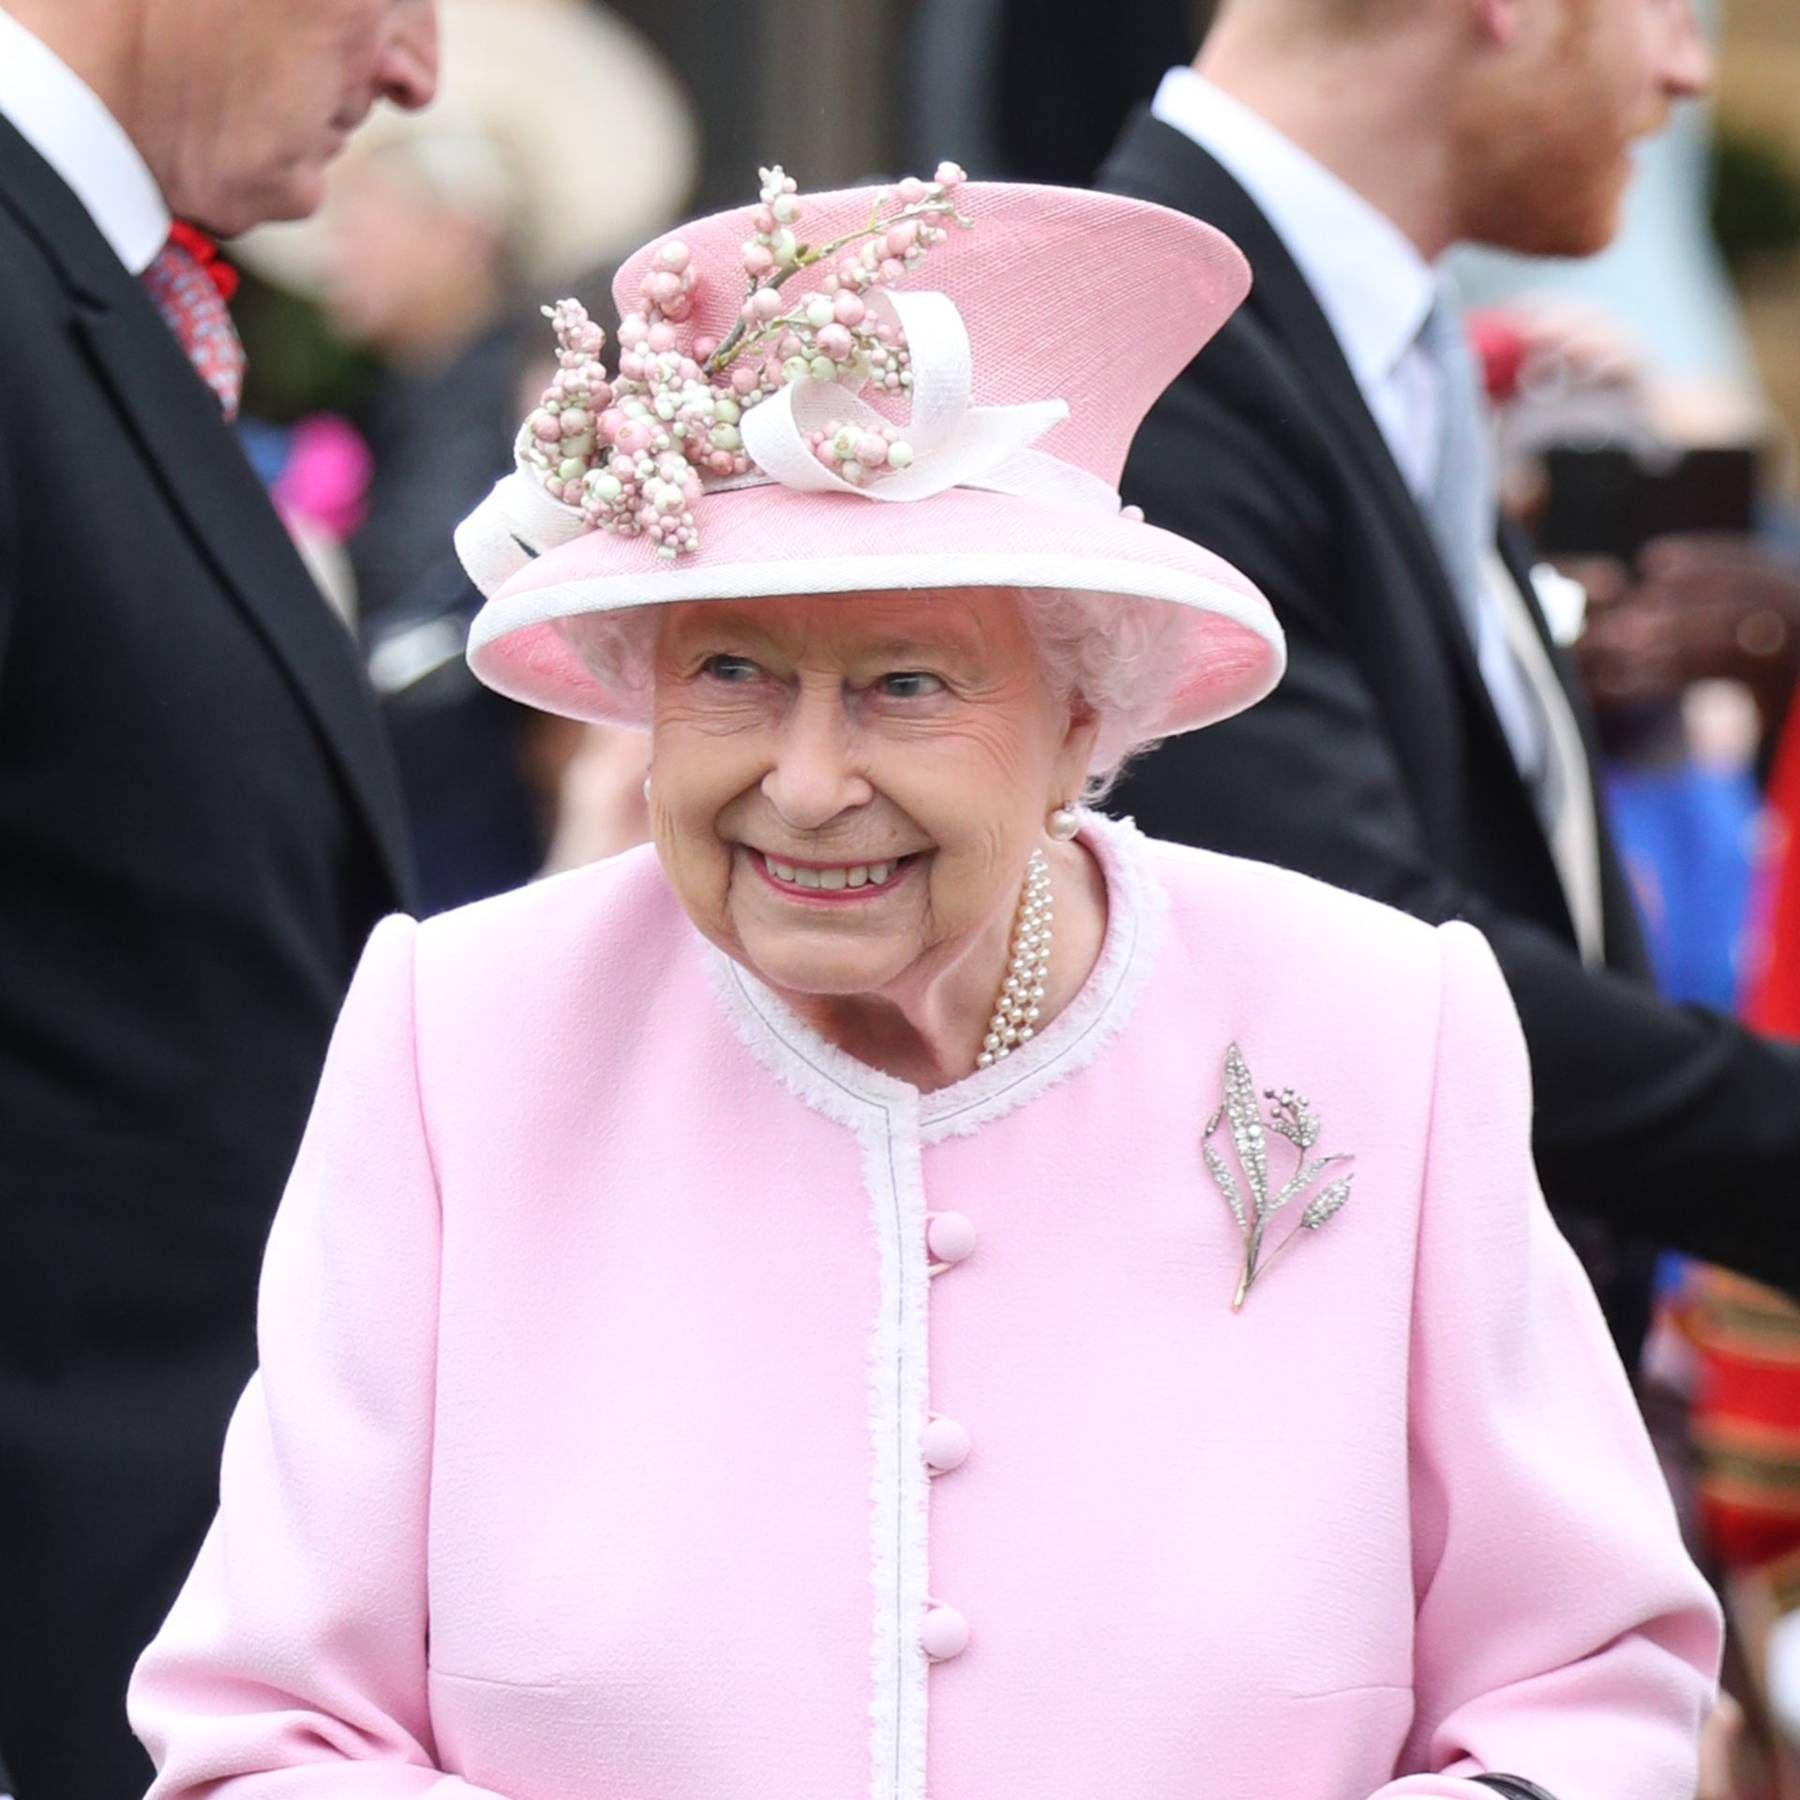 21791bd1cf6eef13c778c5f22e1613b7 - How To Get Invited To Queen S Garden Party